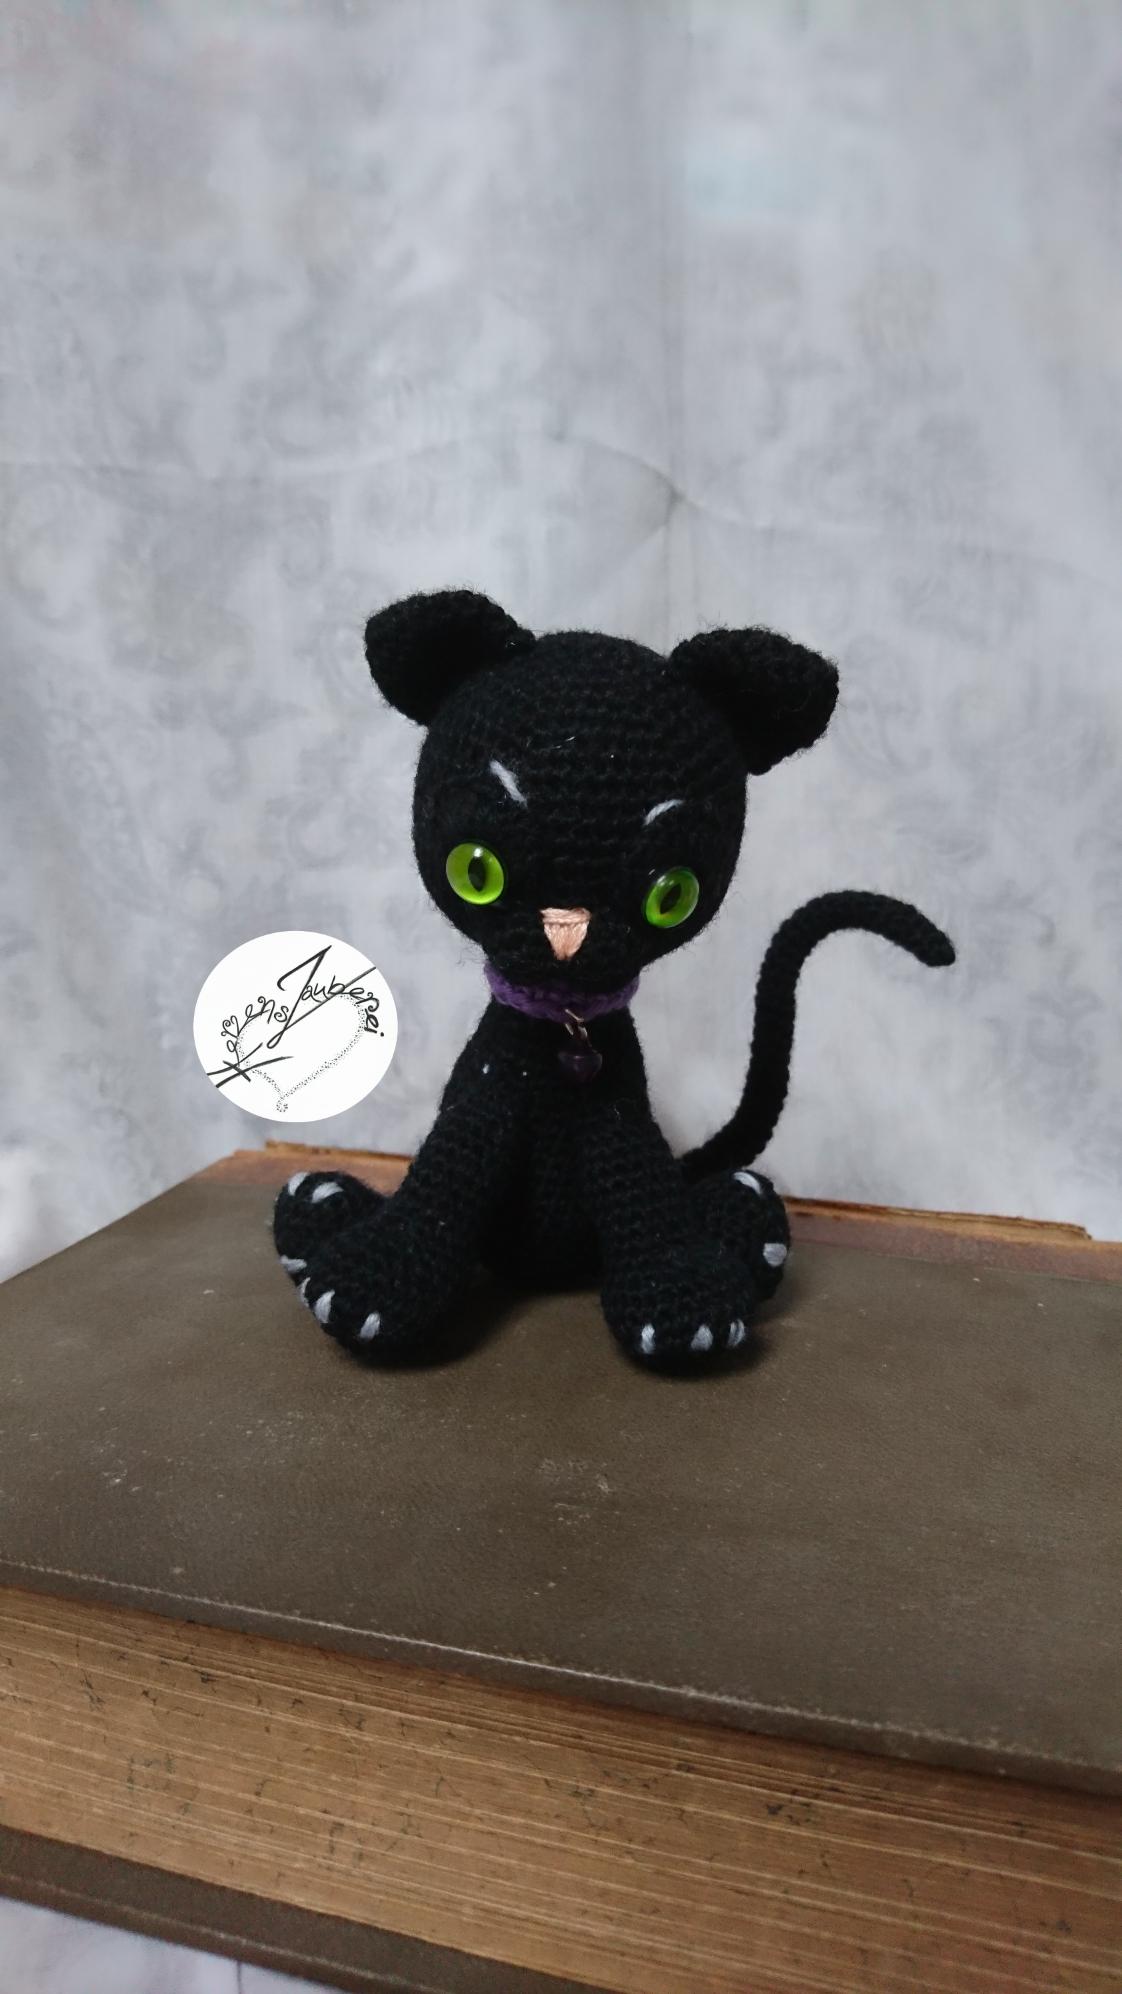 Schwarze Katze, ca 15cm, Chf 38.- in gewünschten Farben machbar